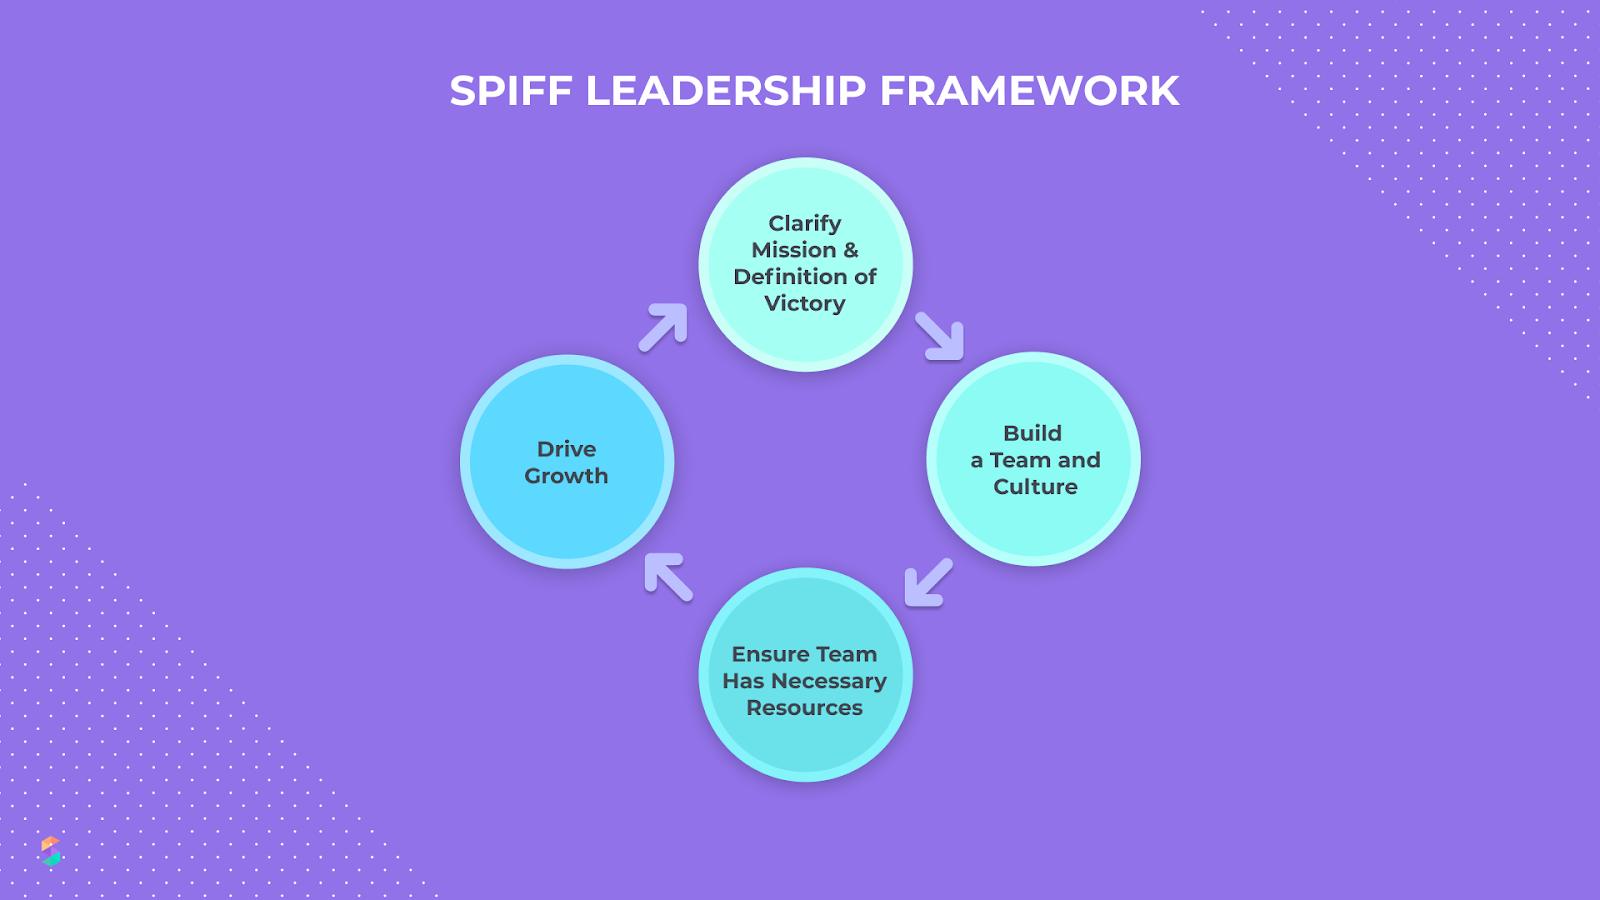 spiff leadership framework